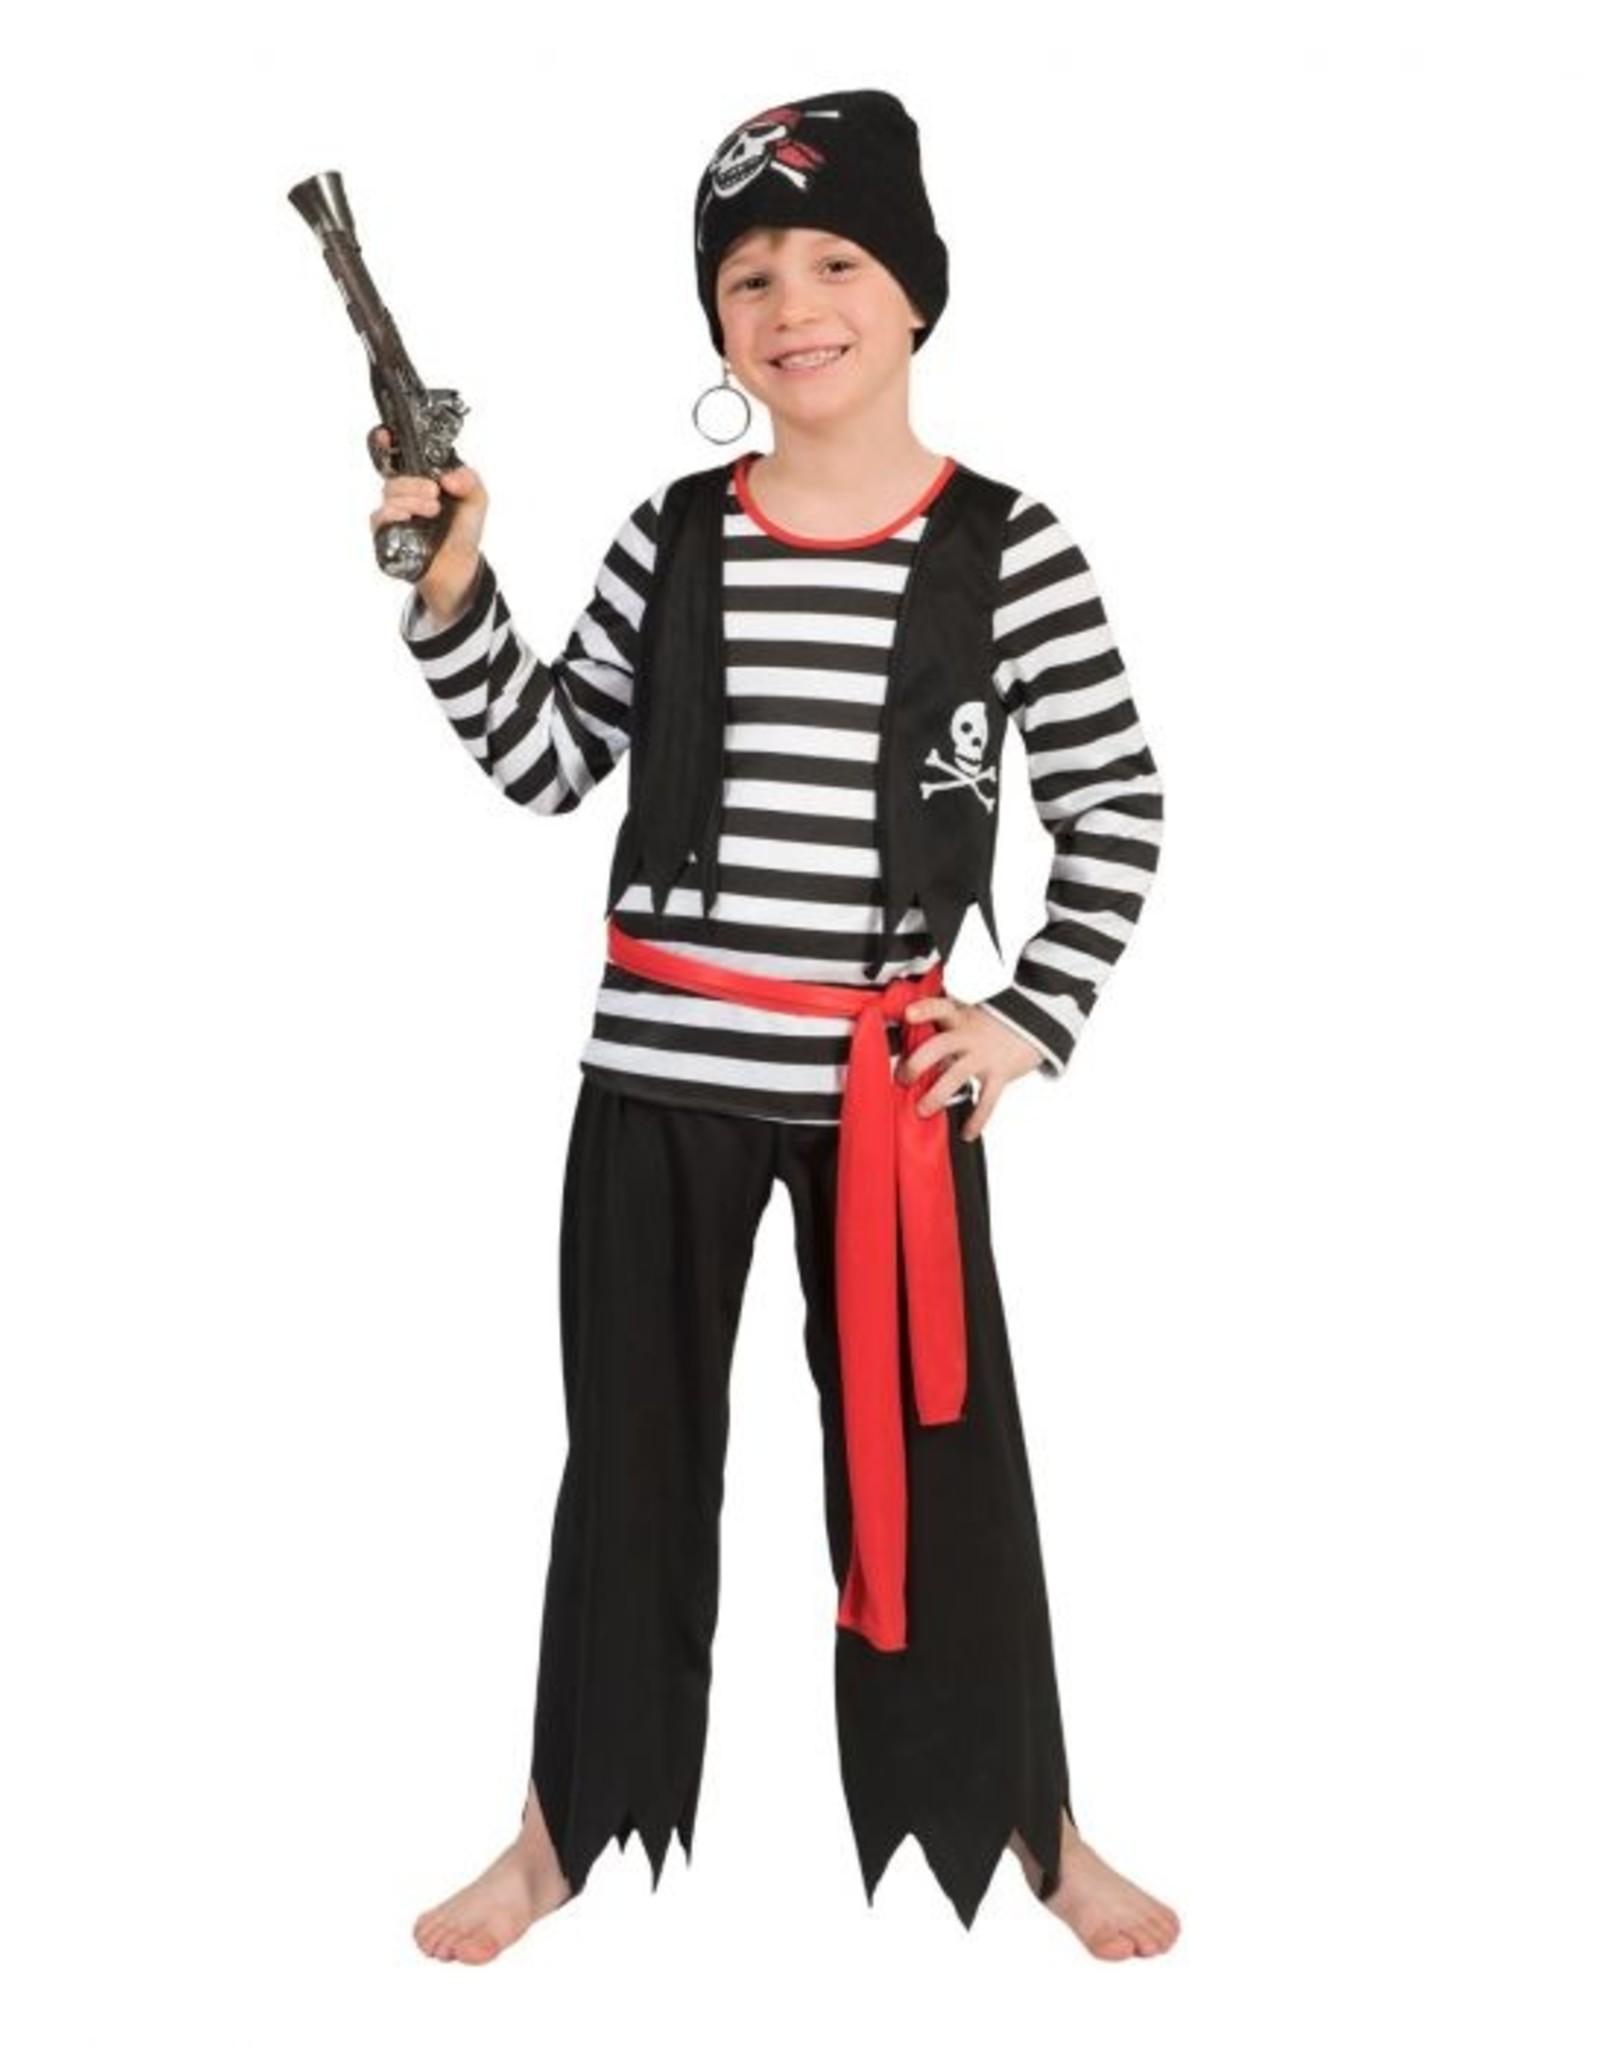 Goede Piraten kostuum Stefan kind jongen - Handelsonderneming Bomhoff IE-41